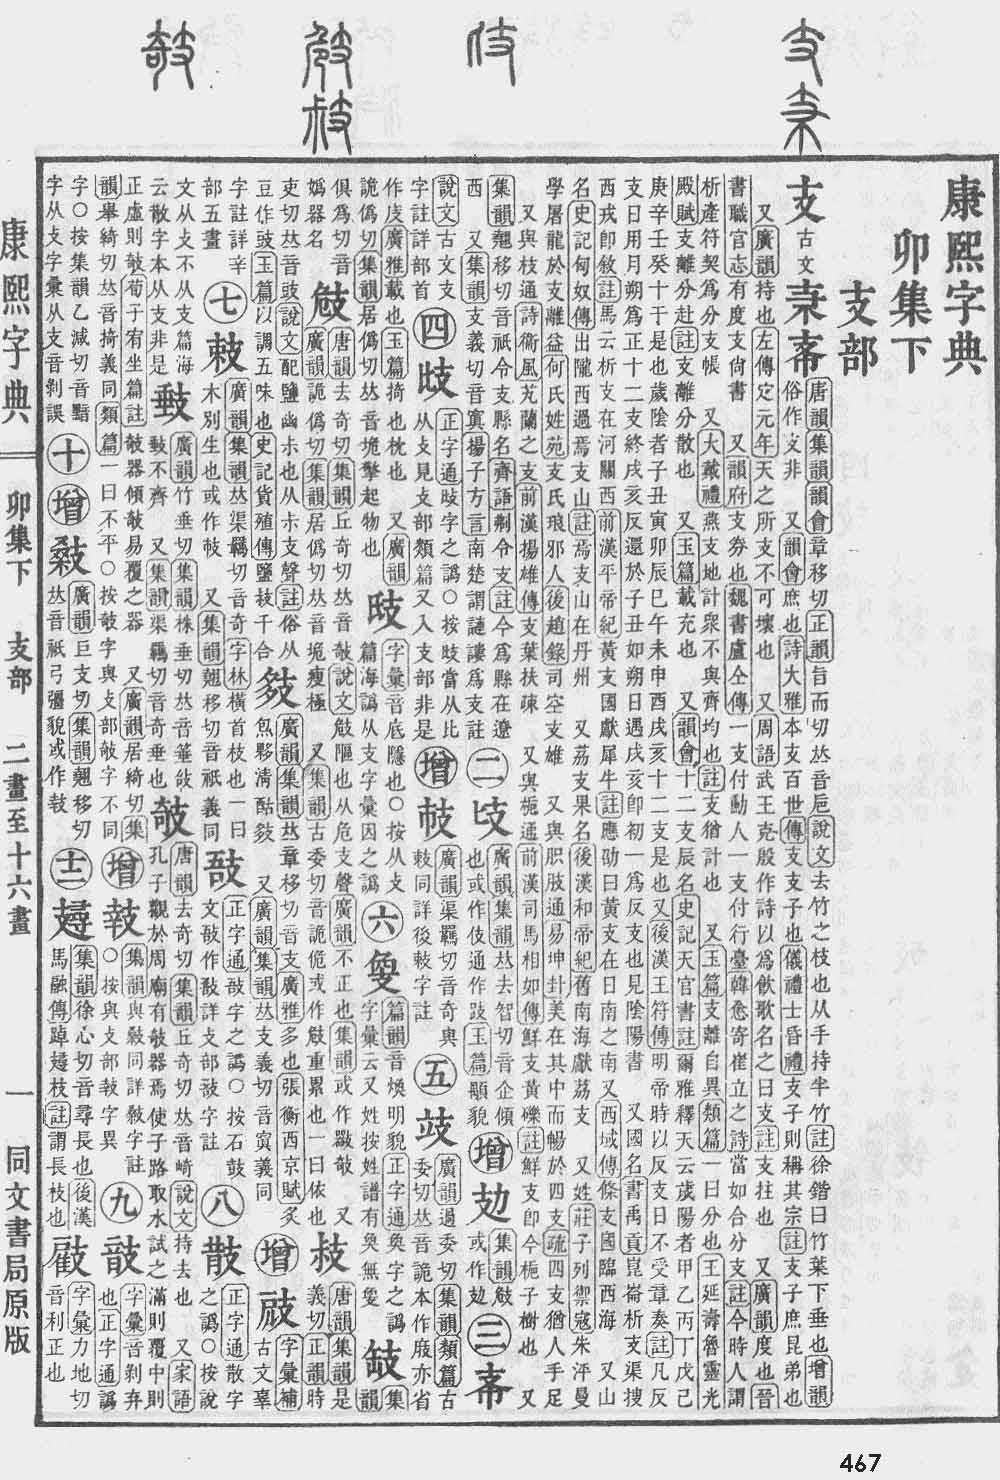 《康熙字典》第467页